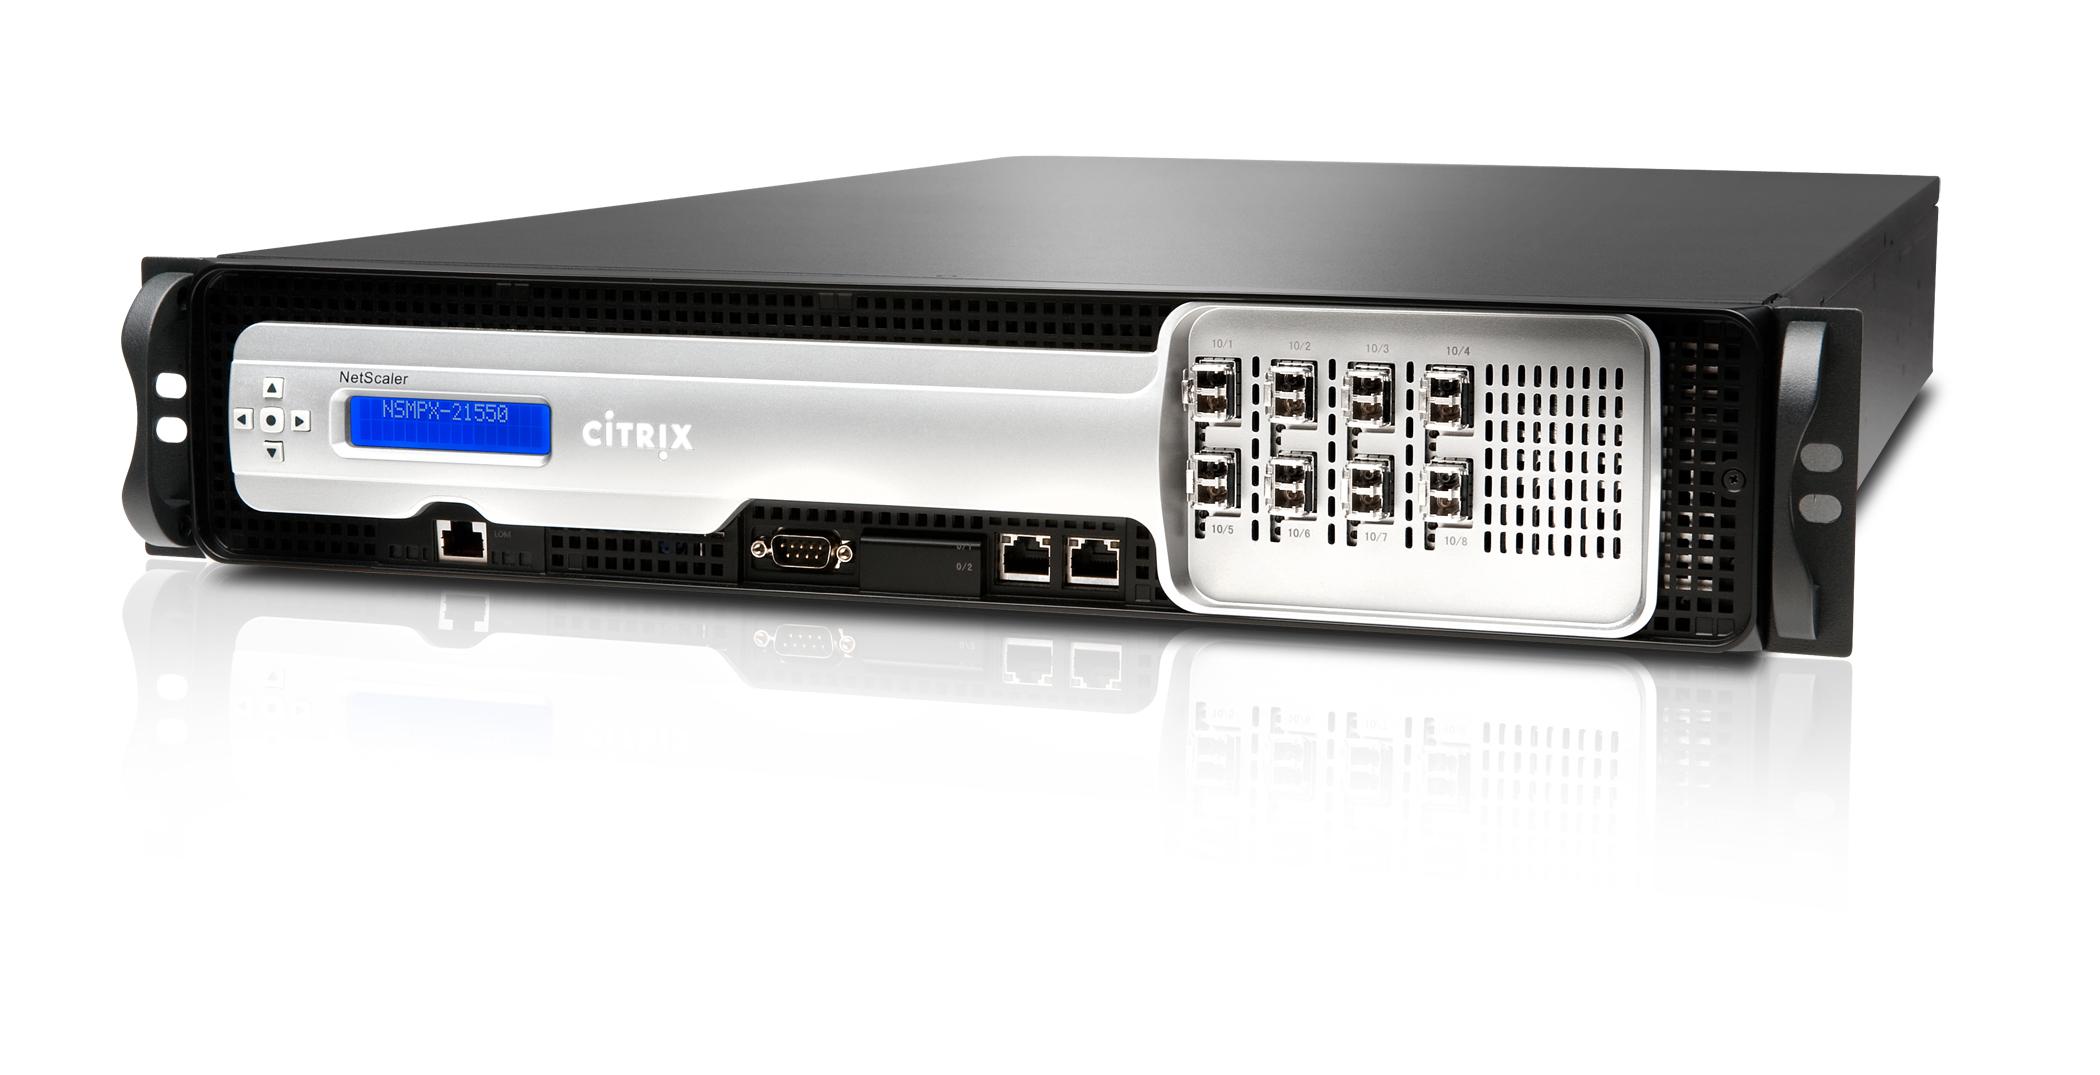 MPX/SDX-21550